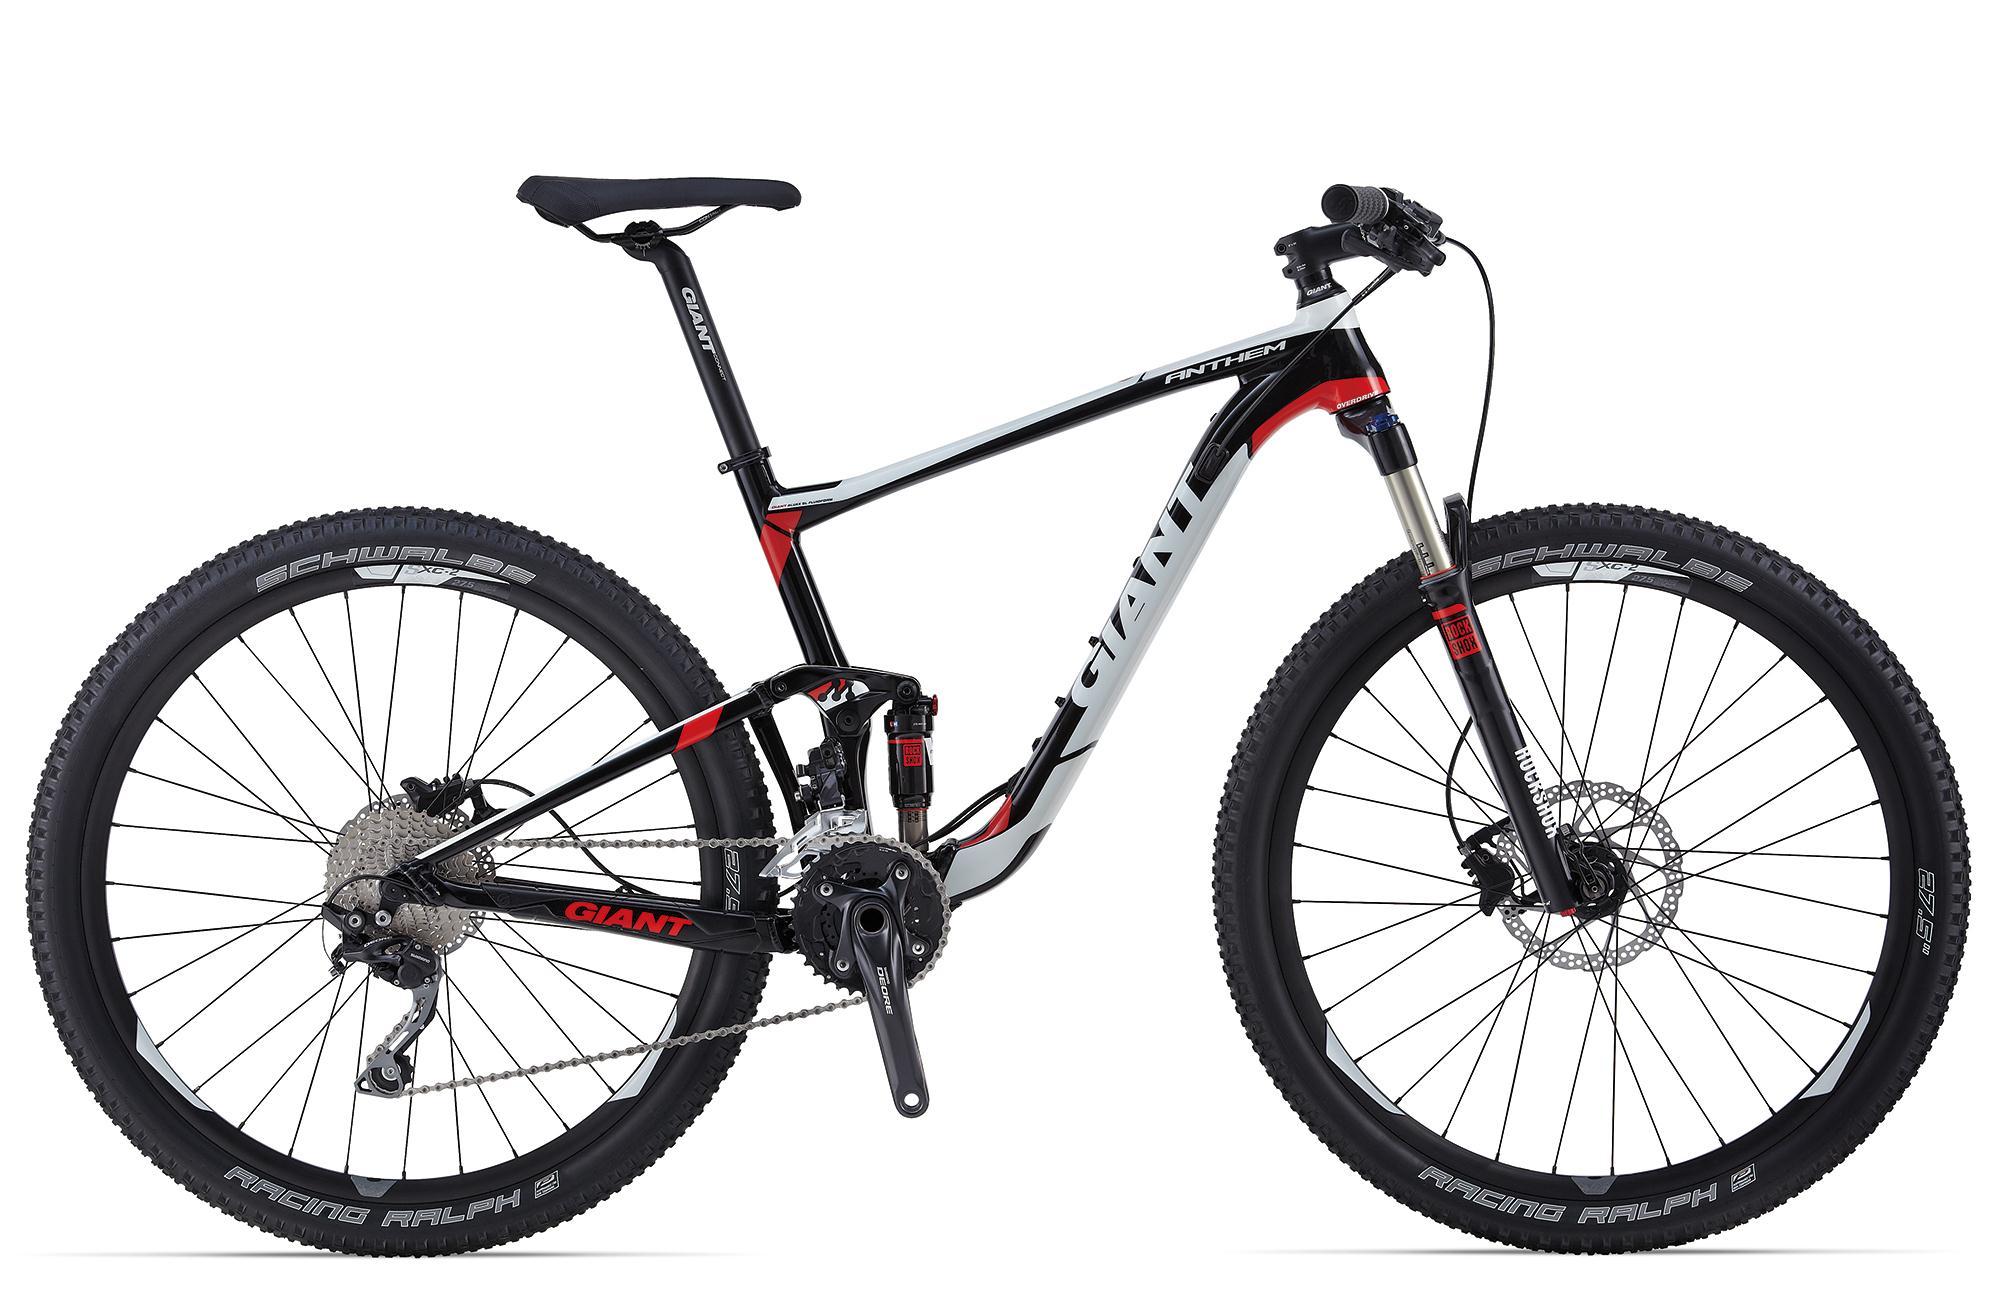 Велосипед двухподвес Giant Anthem 27.5 3 (2014), Цвет Черно-Белый, Размер 22